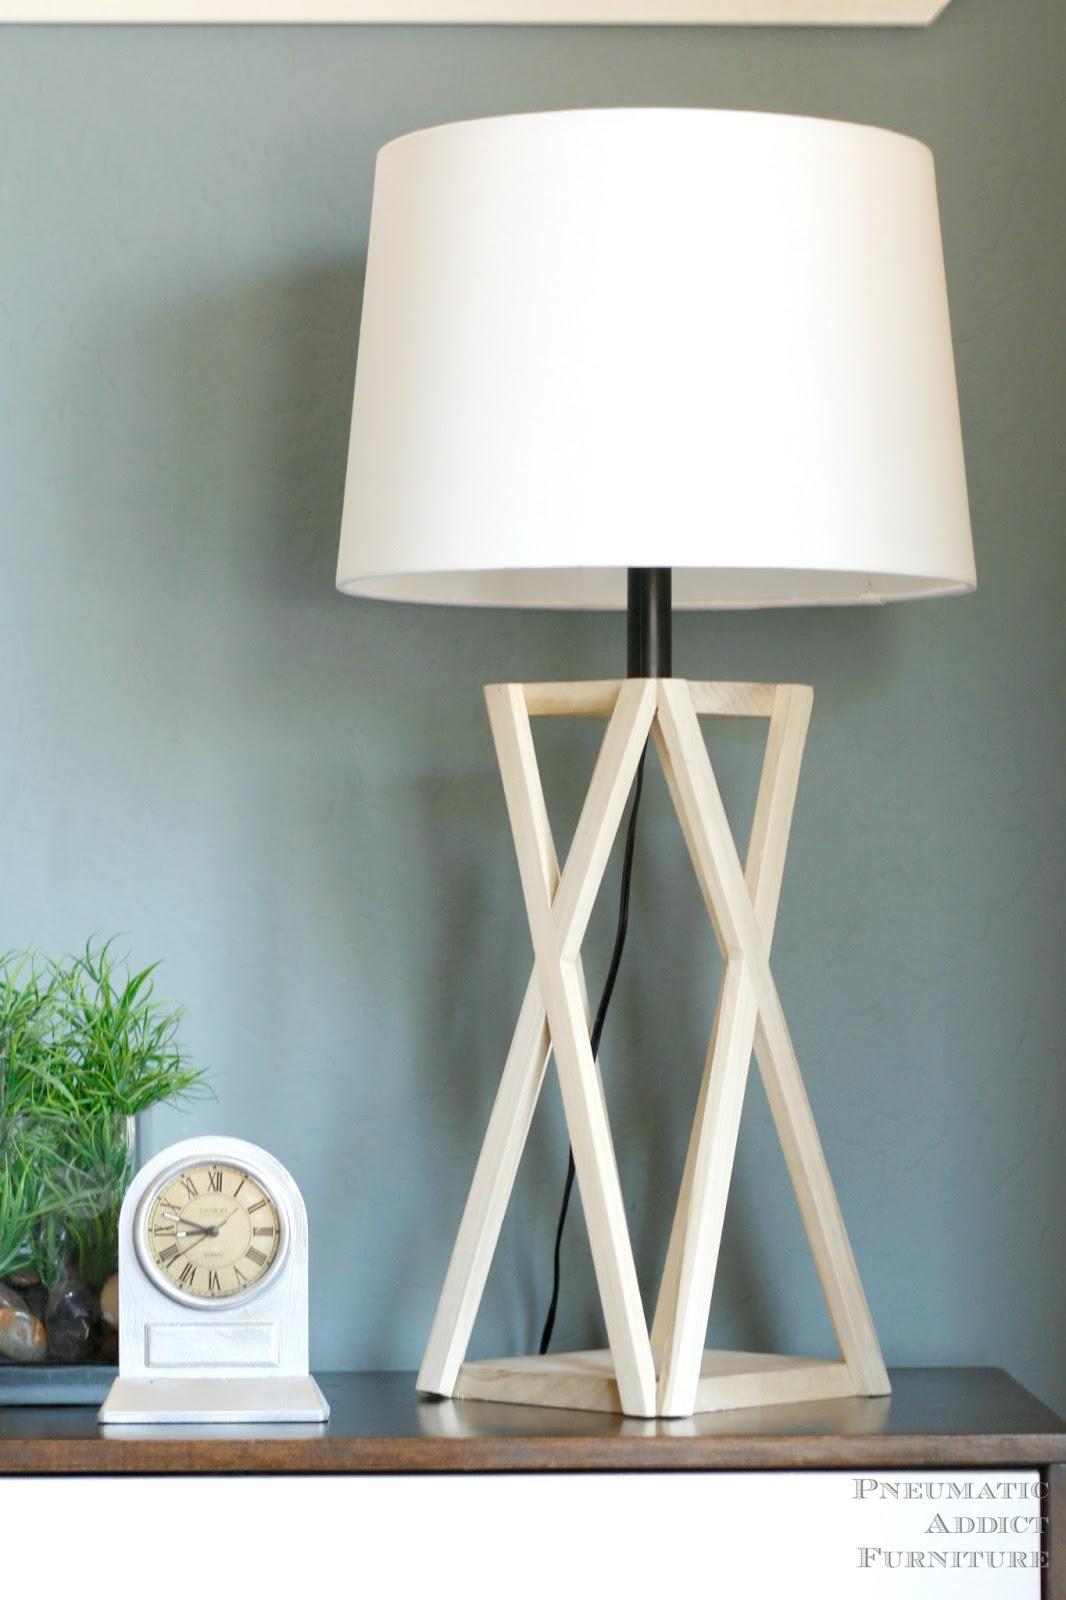 Pneumatic Addict : DIY Tapered-X Lamp